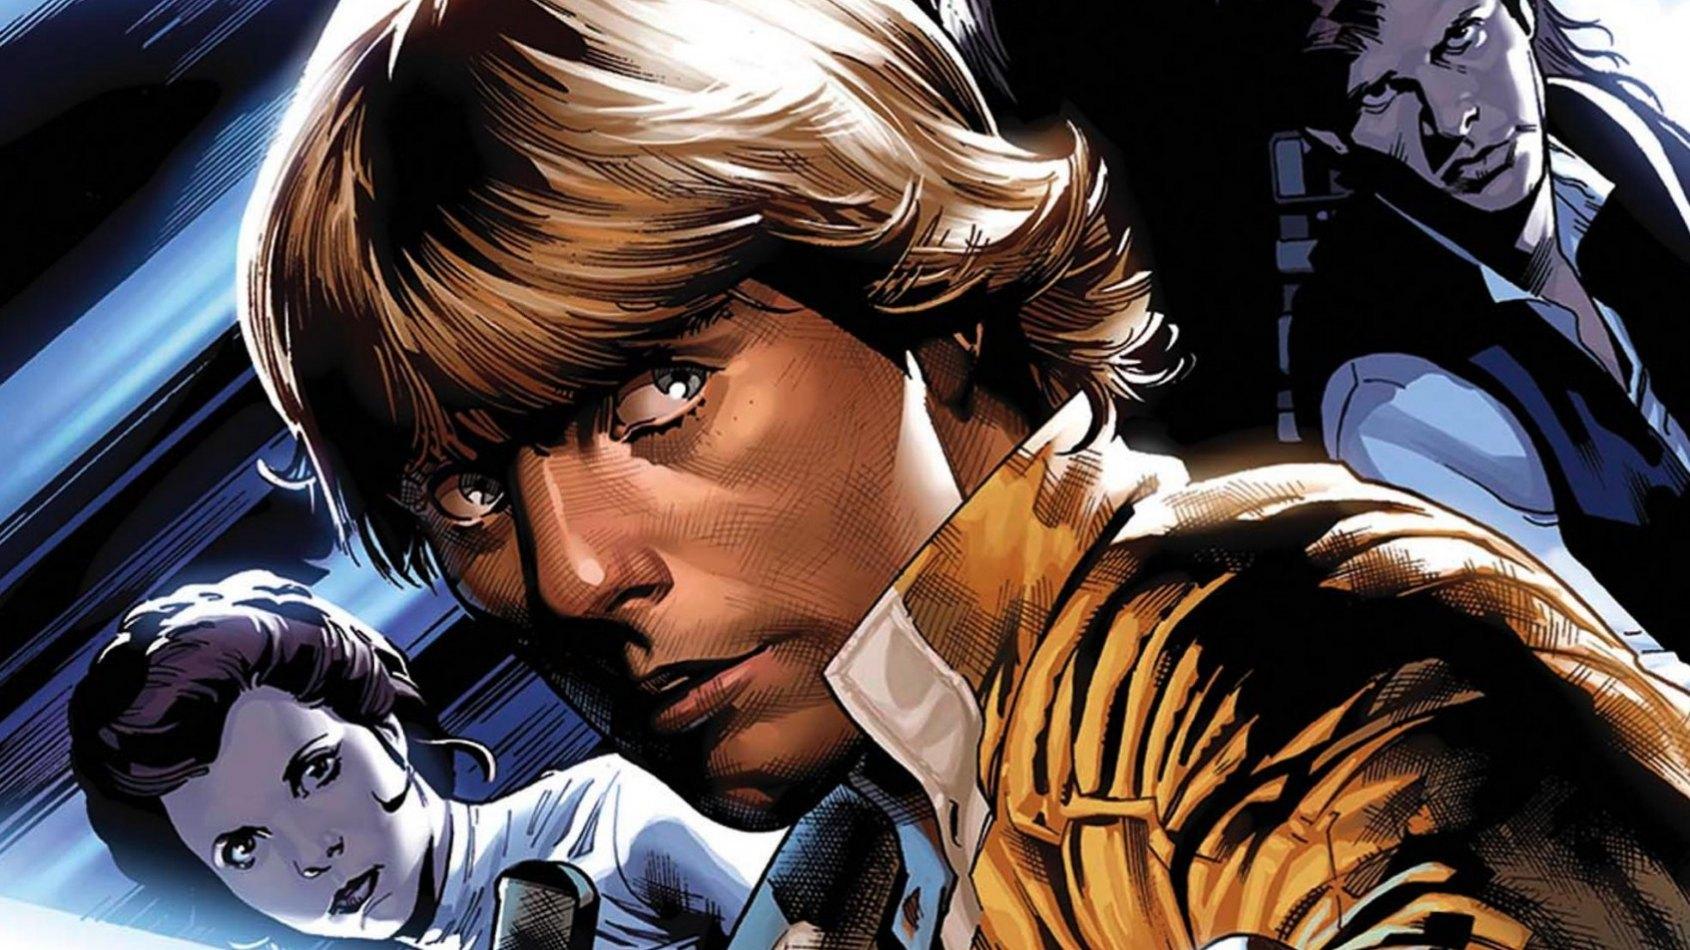 [Panini] Les couvertures du prochain numéro Star Wars Comics 006